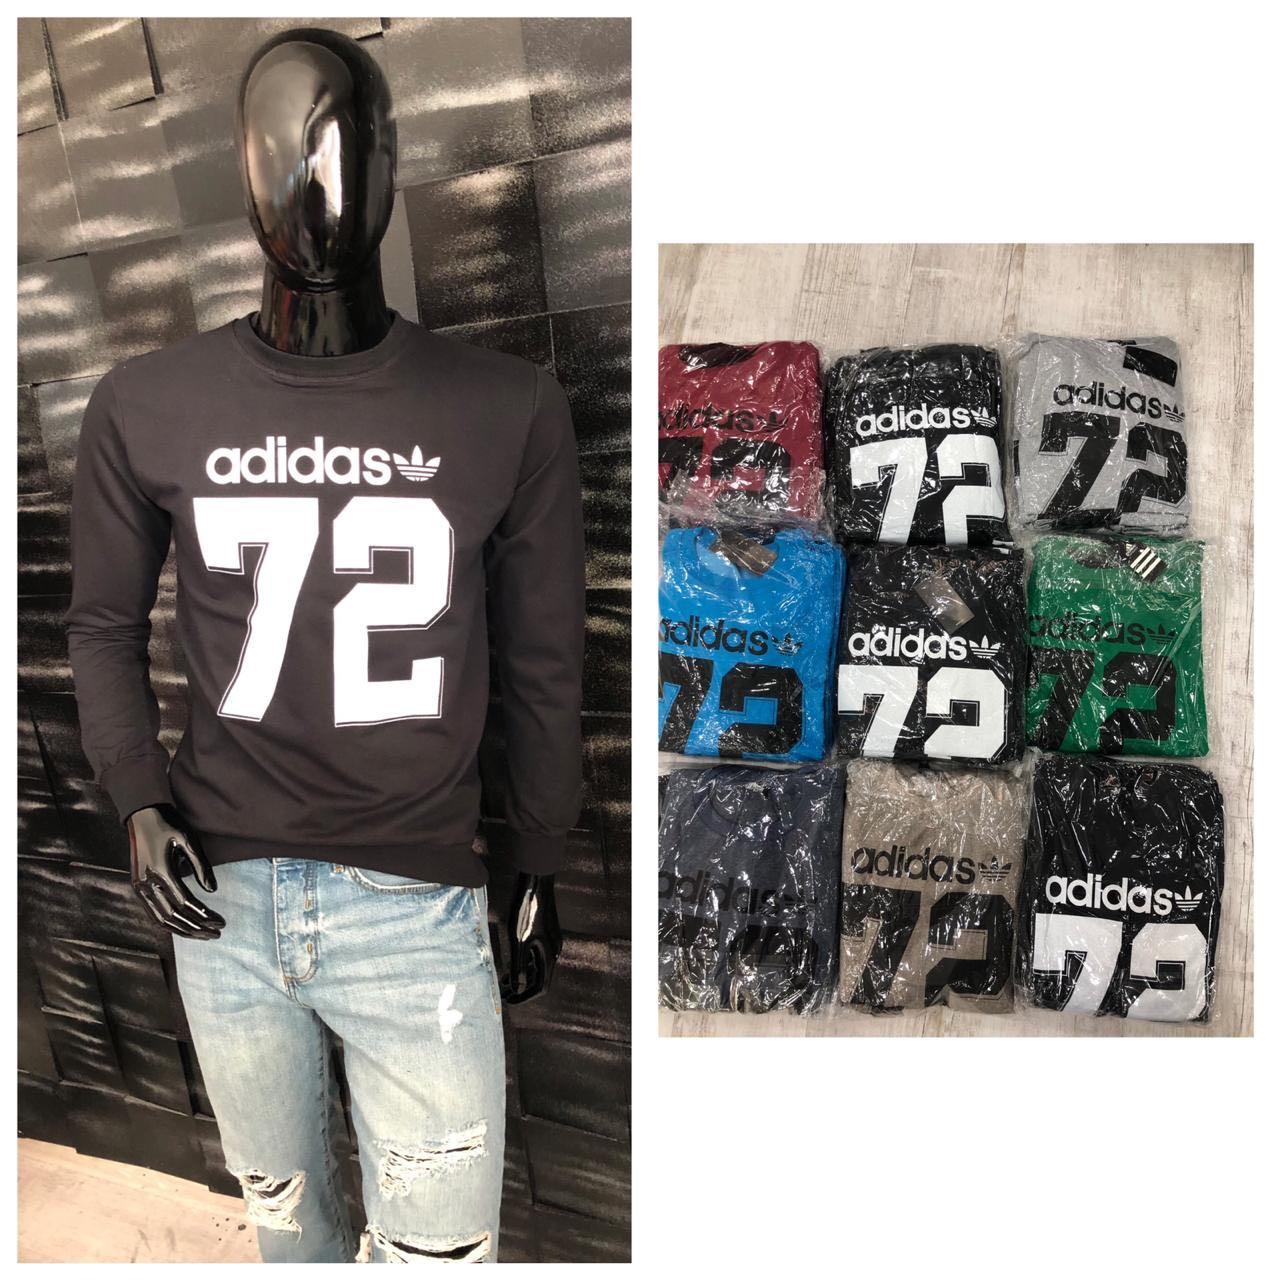 Свитшот мужской Adidas. Супер качество, Турция. Размеры  M L XL XXL, расцветки